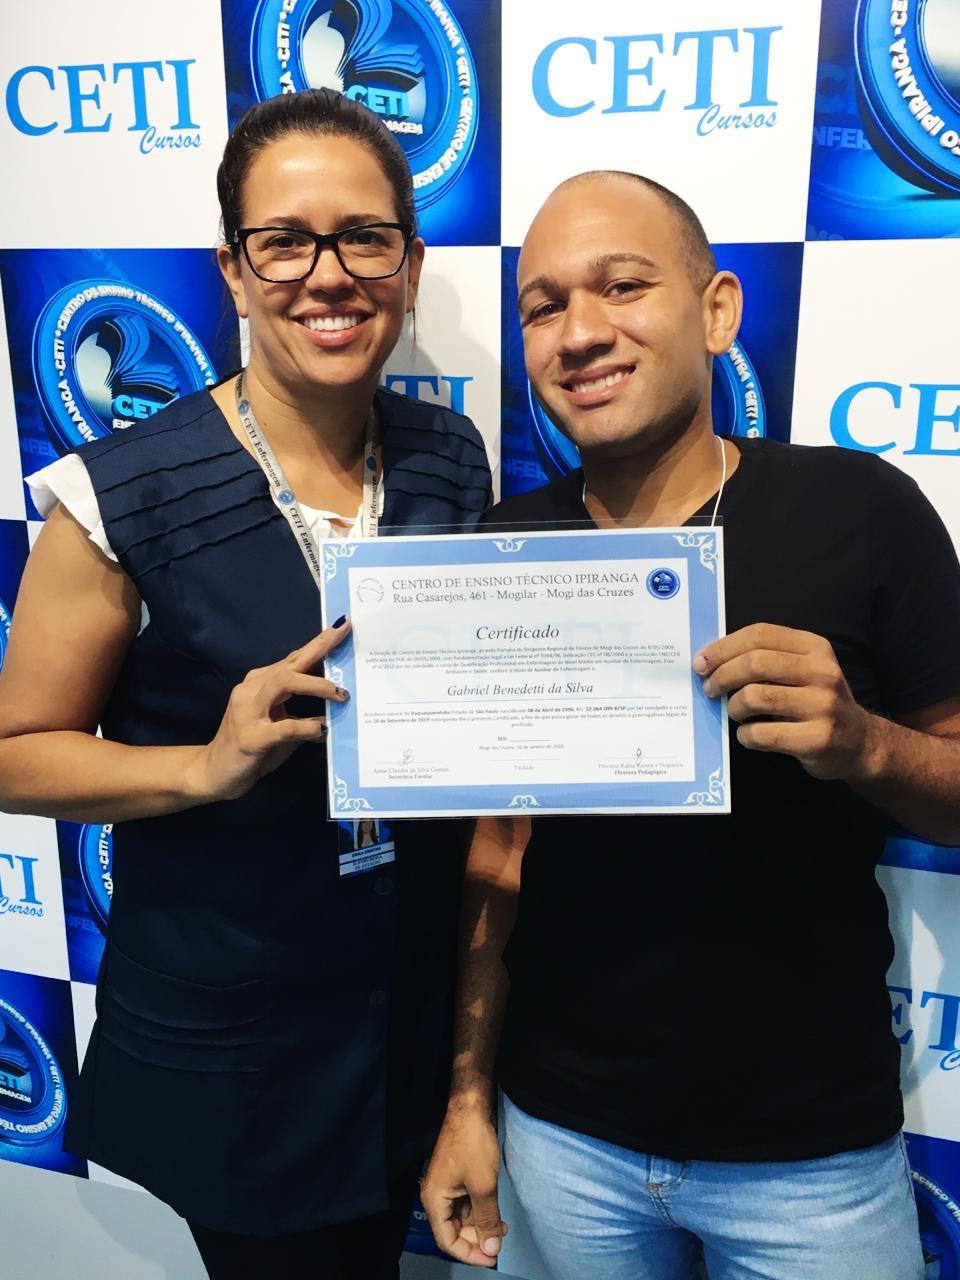 Certificado - GABRIEL BENEDETTI DA SILVA